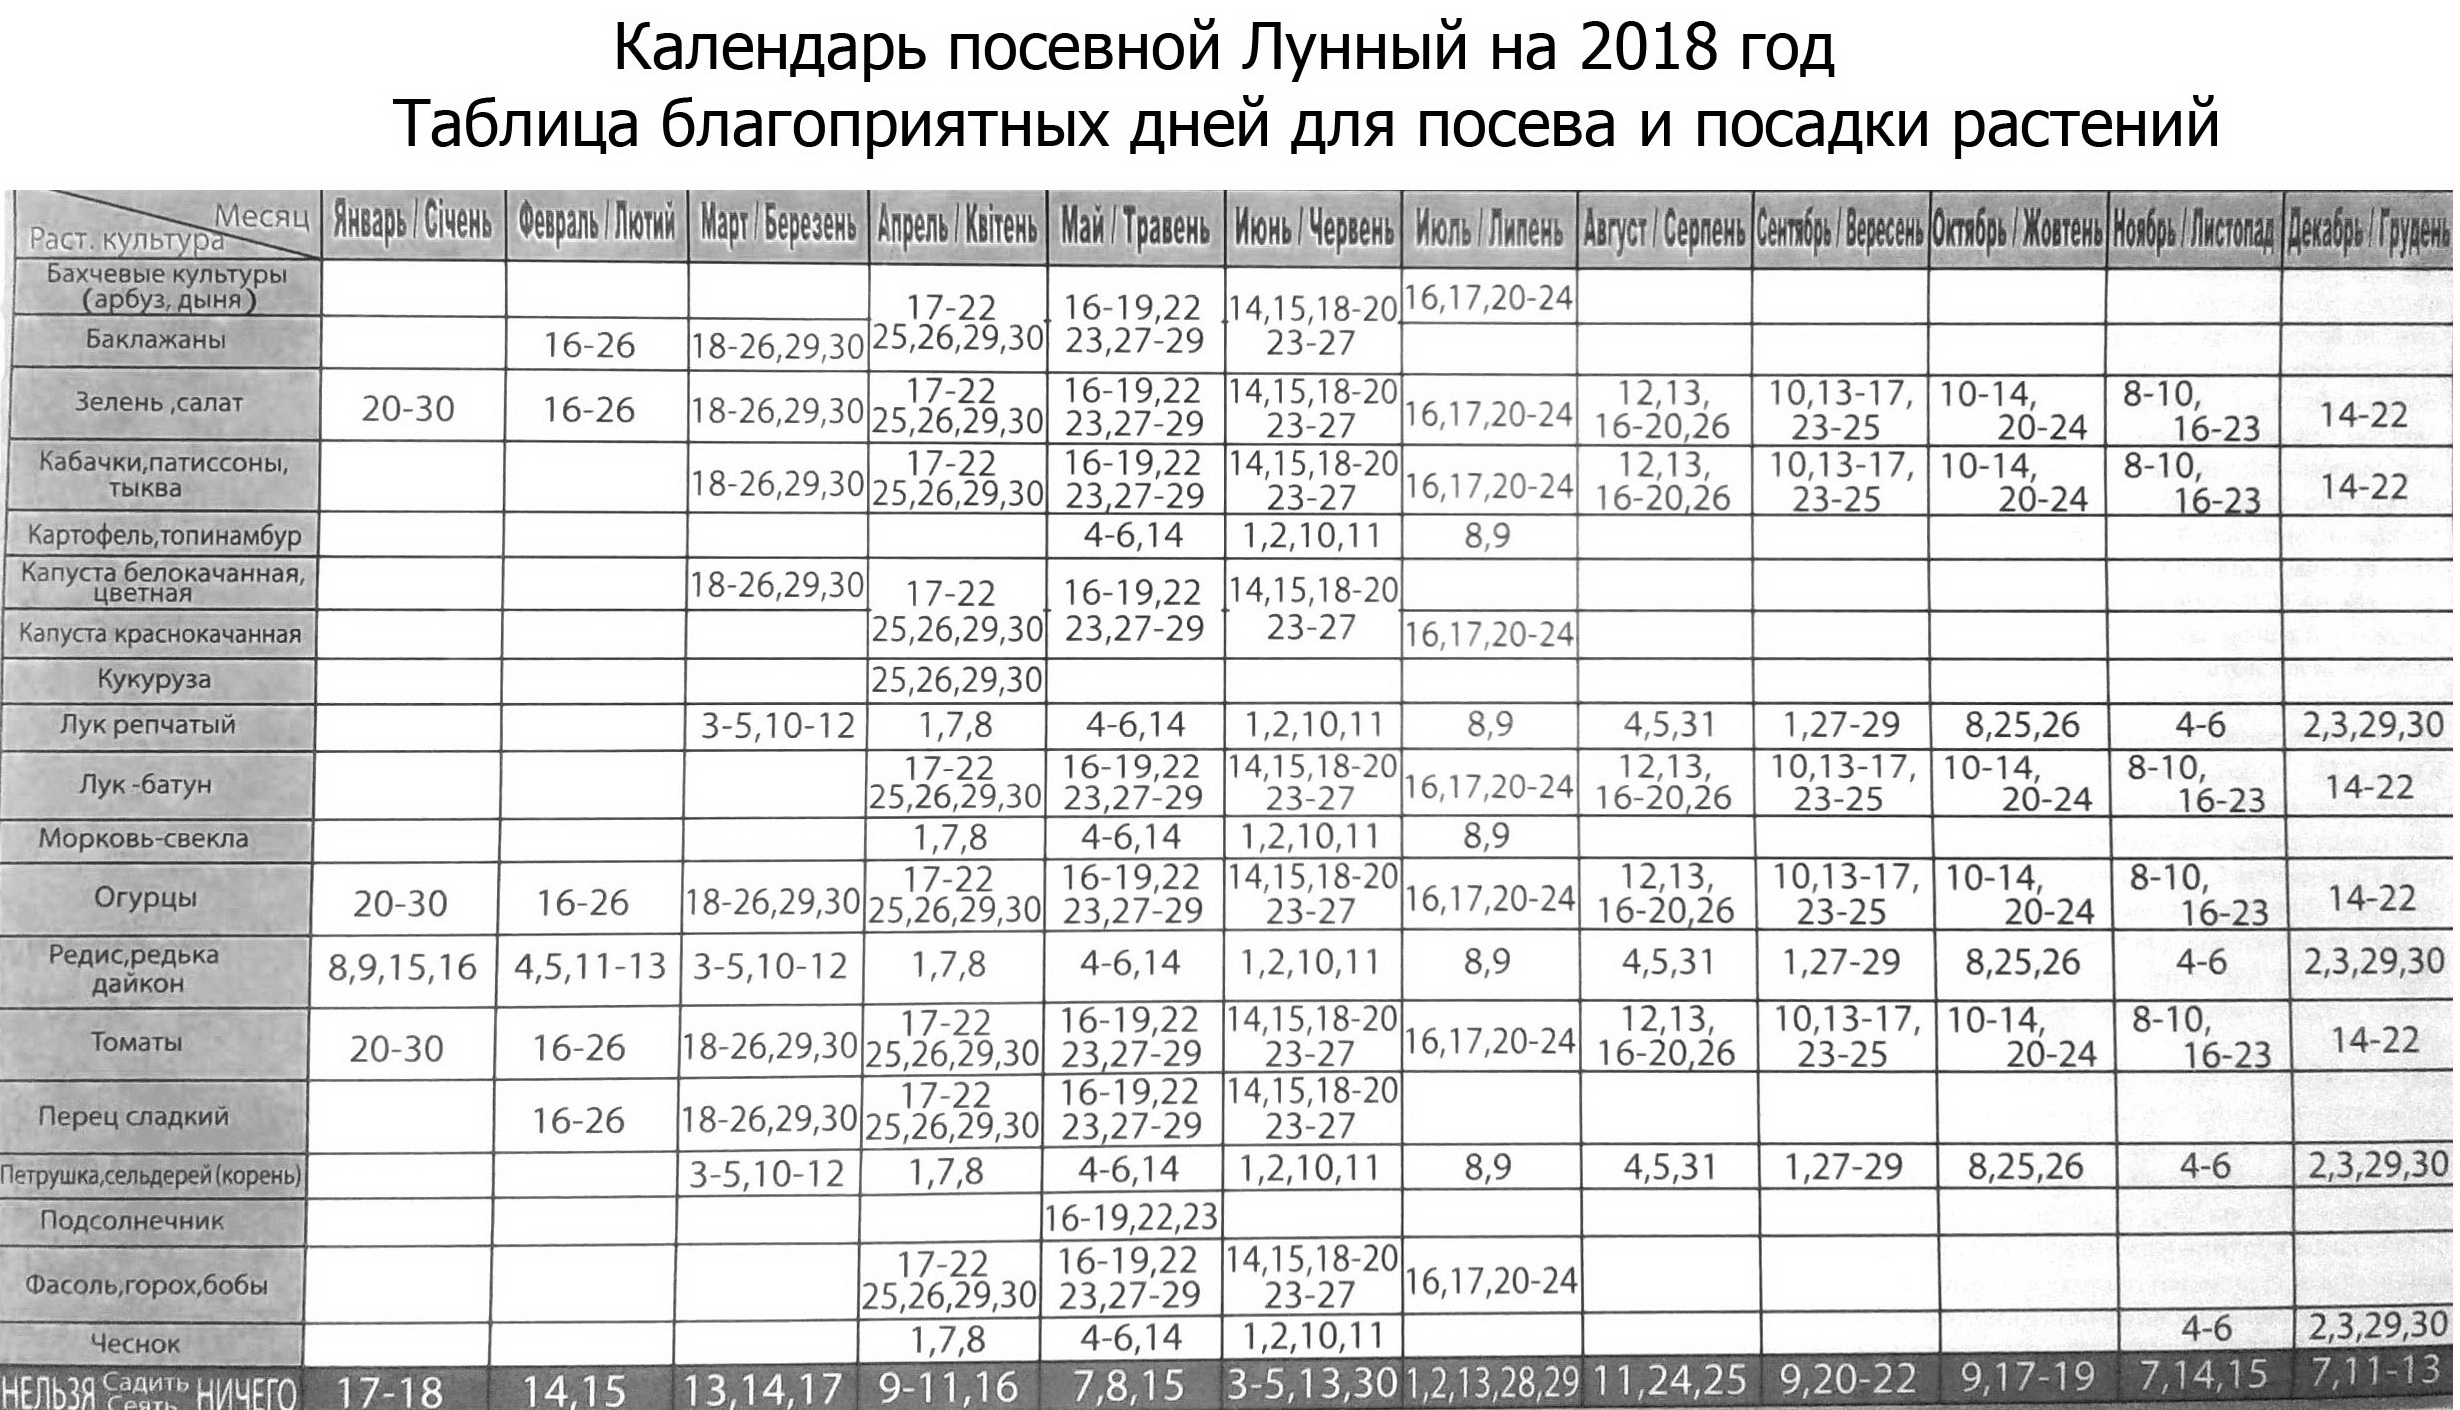 Посевной календарь на 2018 год